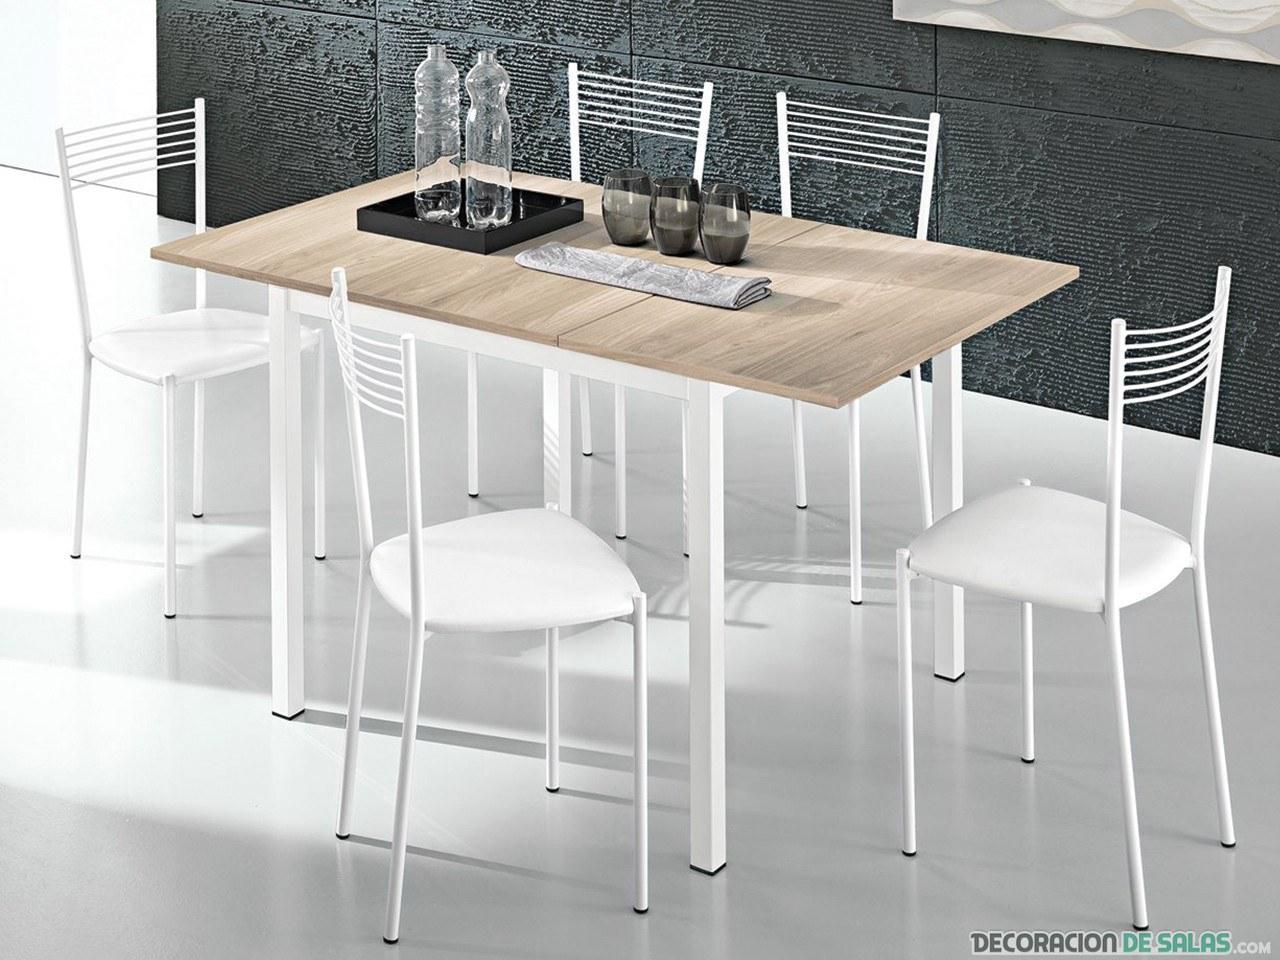 Porqu colocar una mesa en la cocina for Mesas para cocinas estrechas